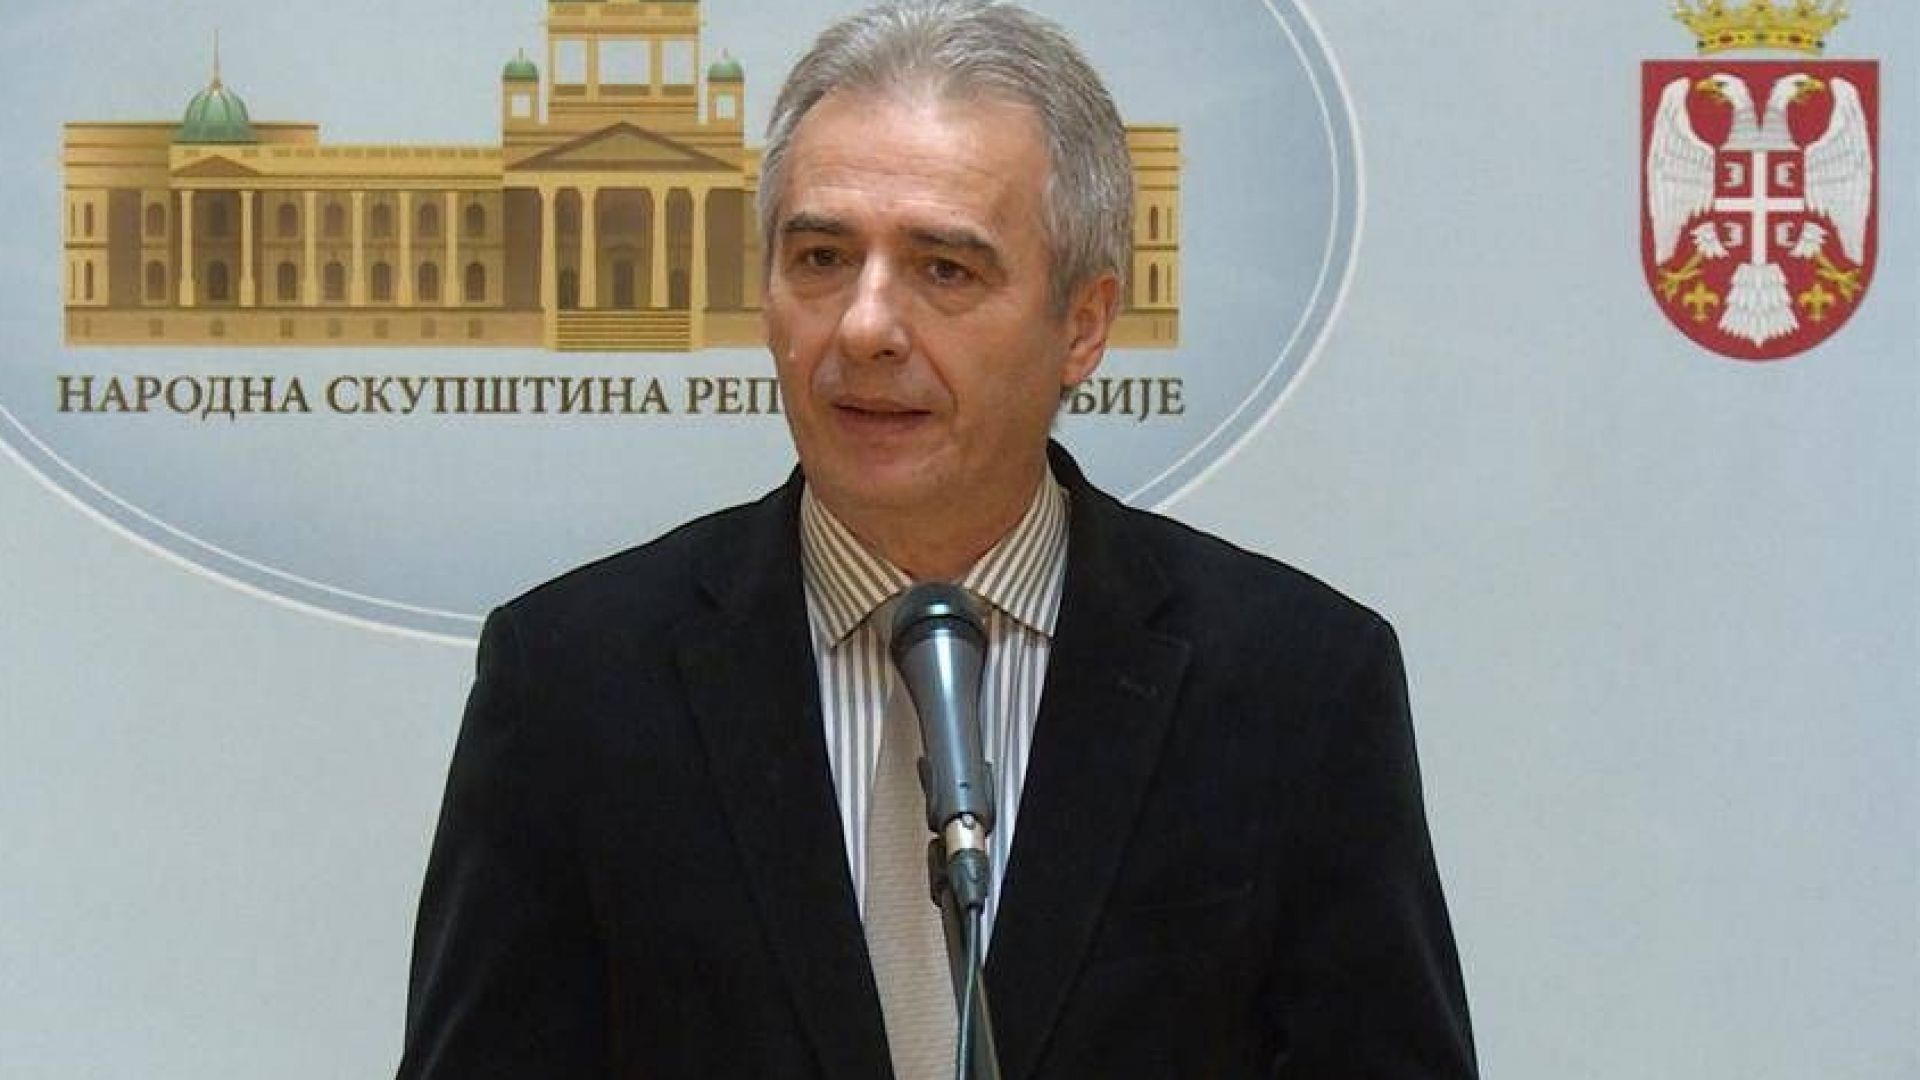 Председателят на сръбската парламентарна комисия за Косово Милован Дрецун заяви